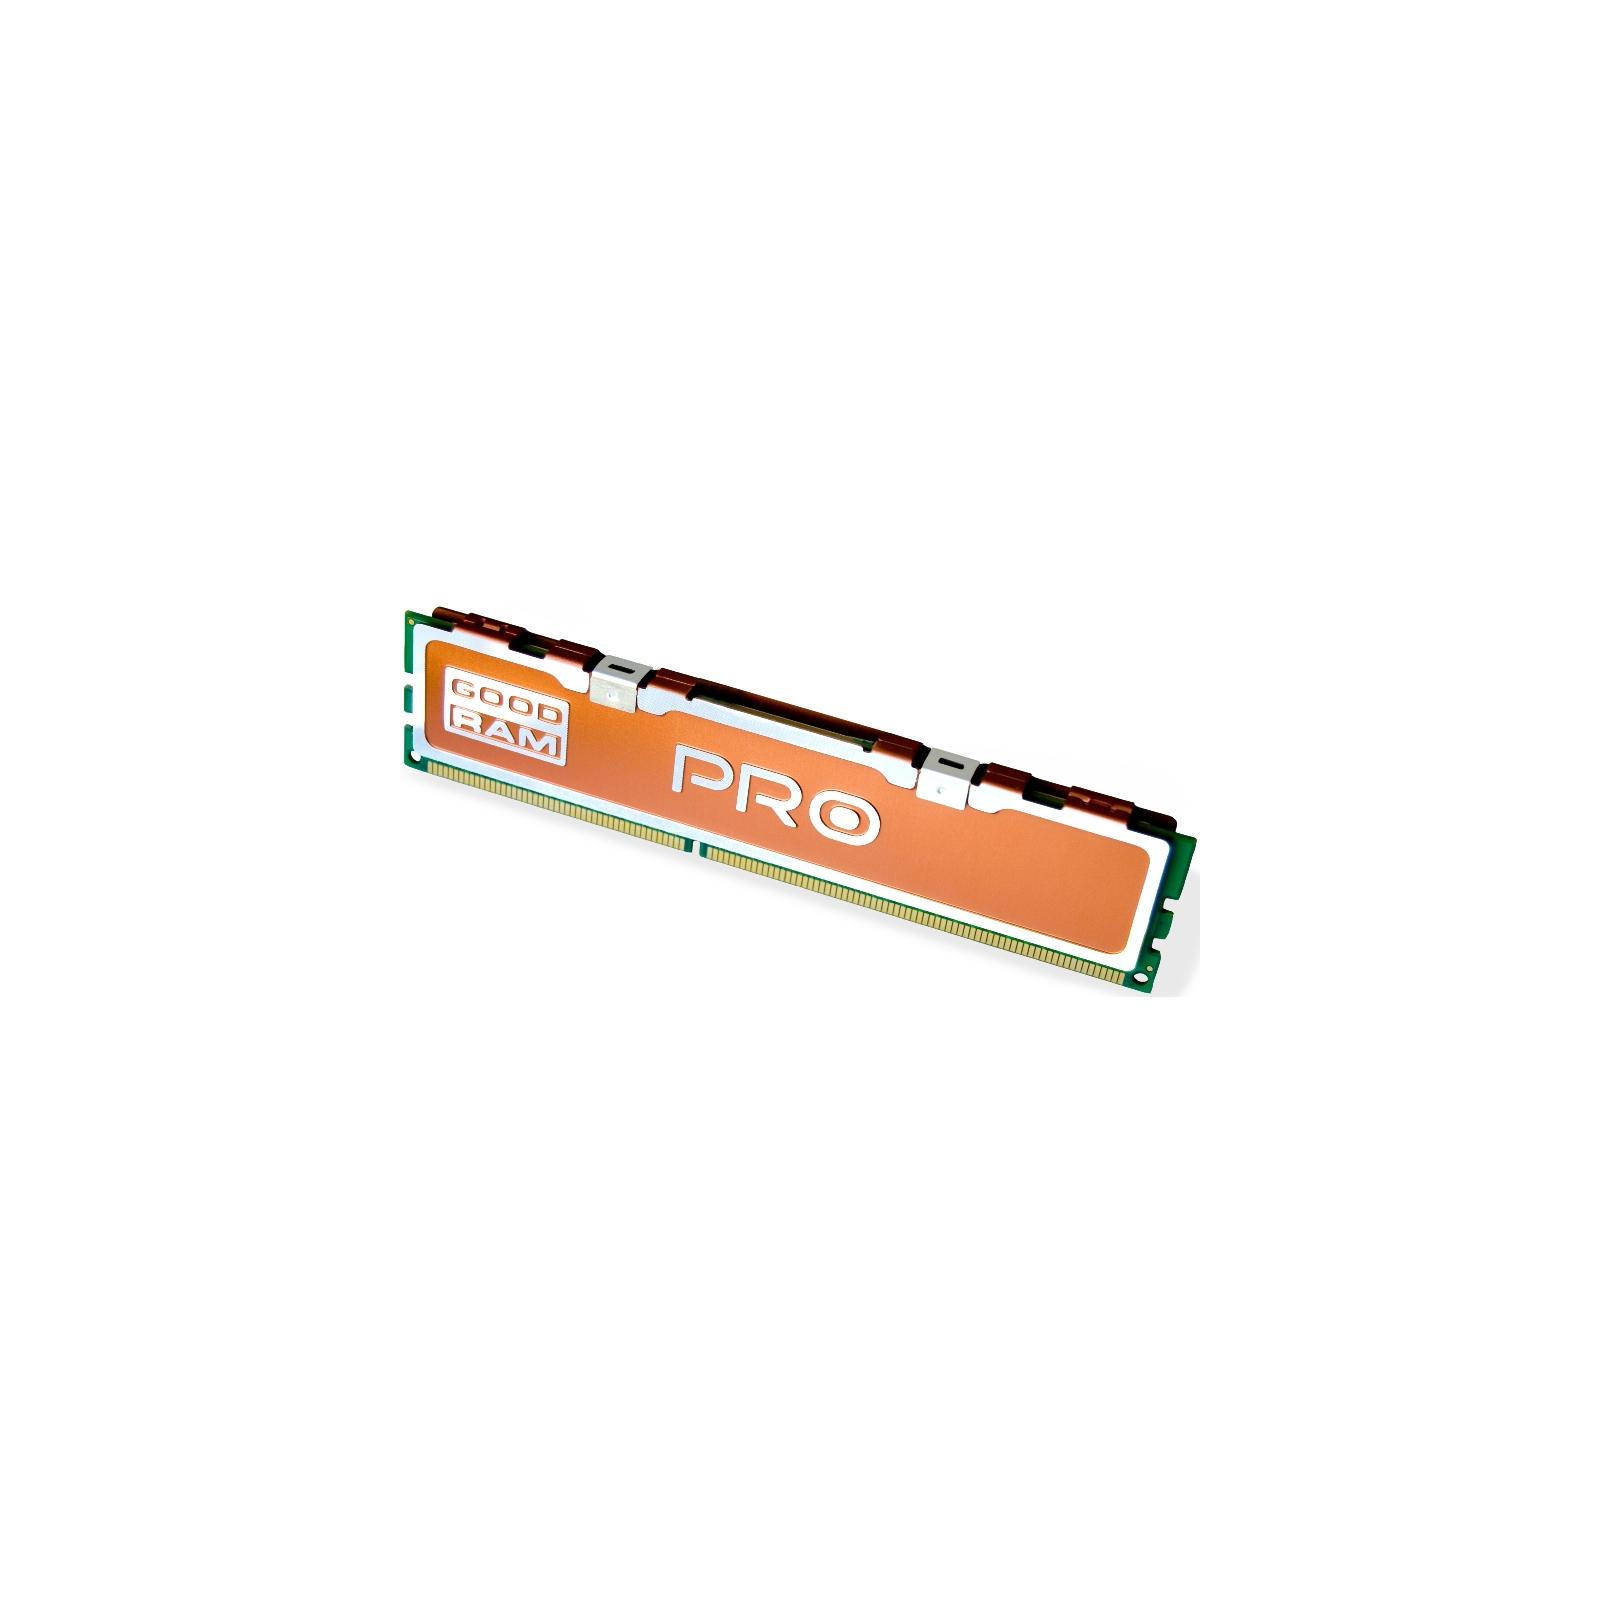 Модуль памяти для компьютера DDR3 4Gb 2133 MHz PRO GOODRAM (GP2133D364L10AS/4G) изображение 3